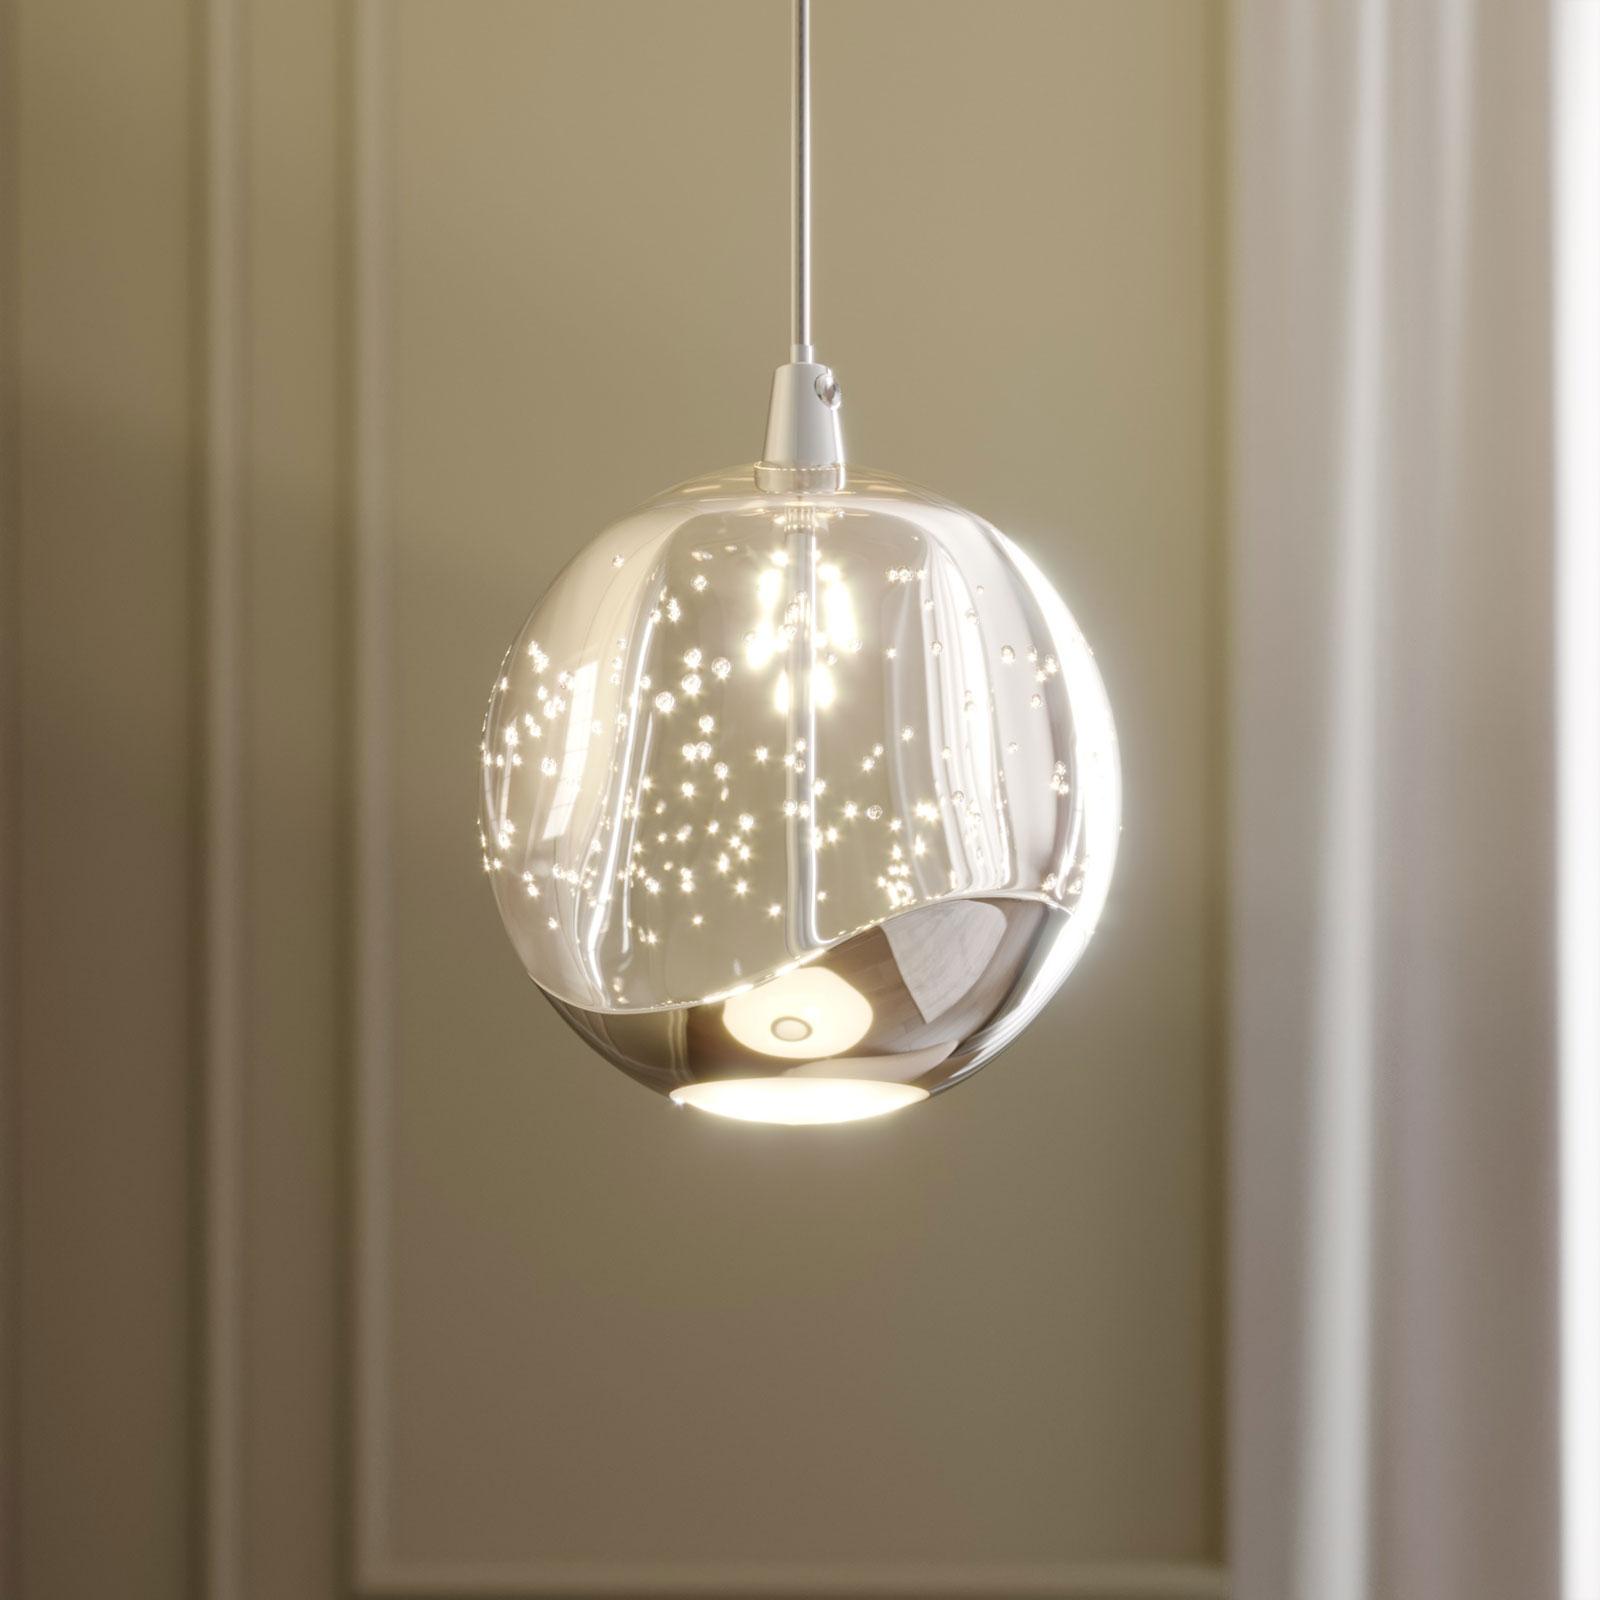 LED-pendellampe Hayley med glaskugle, 1 lys, krom